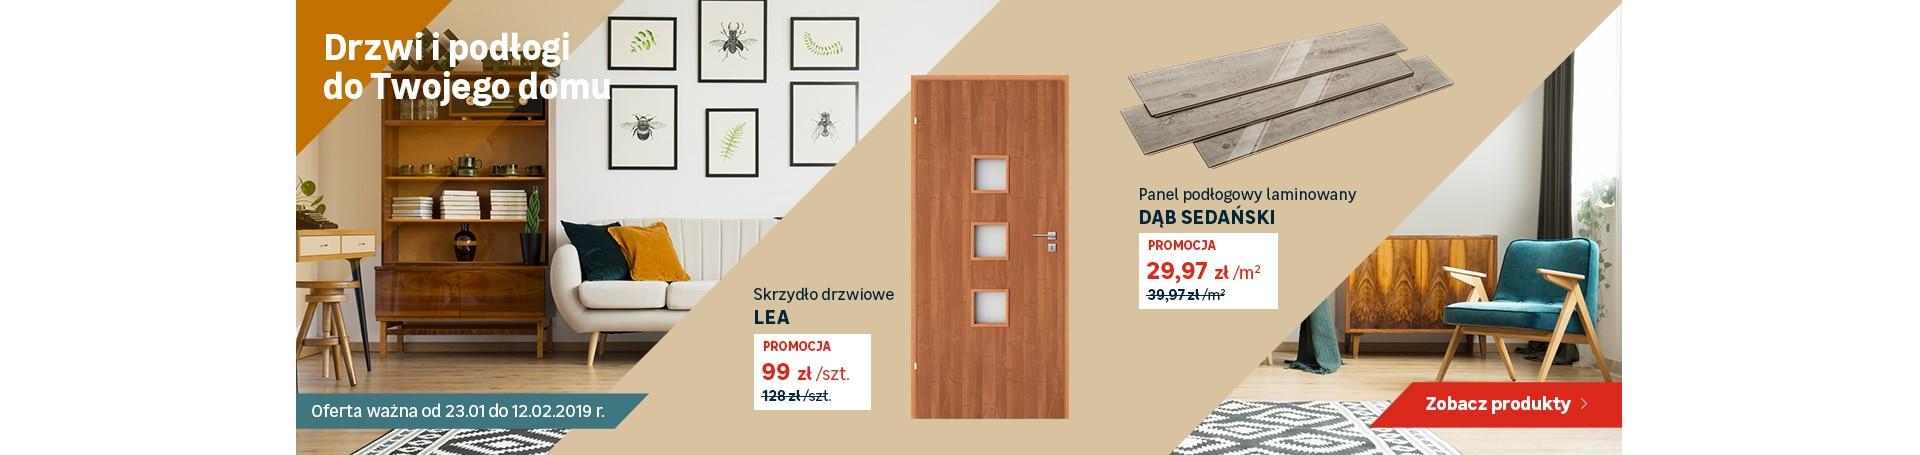 sk-drzwi-podlogi-linia1-23-31.01.2019-1923x455